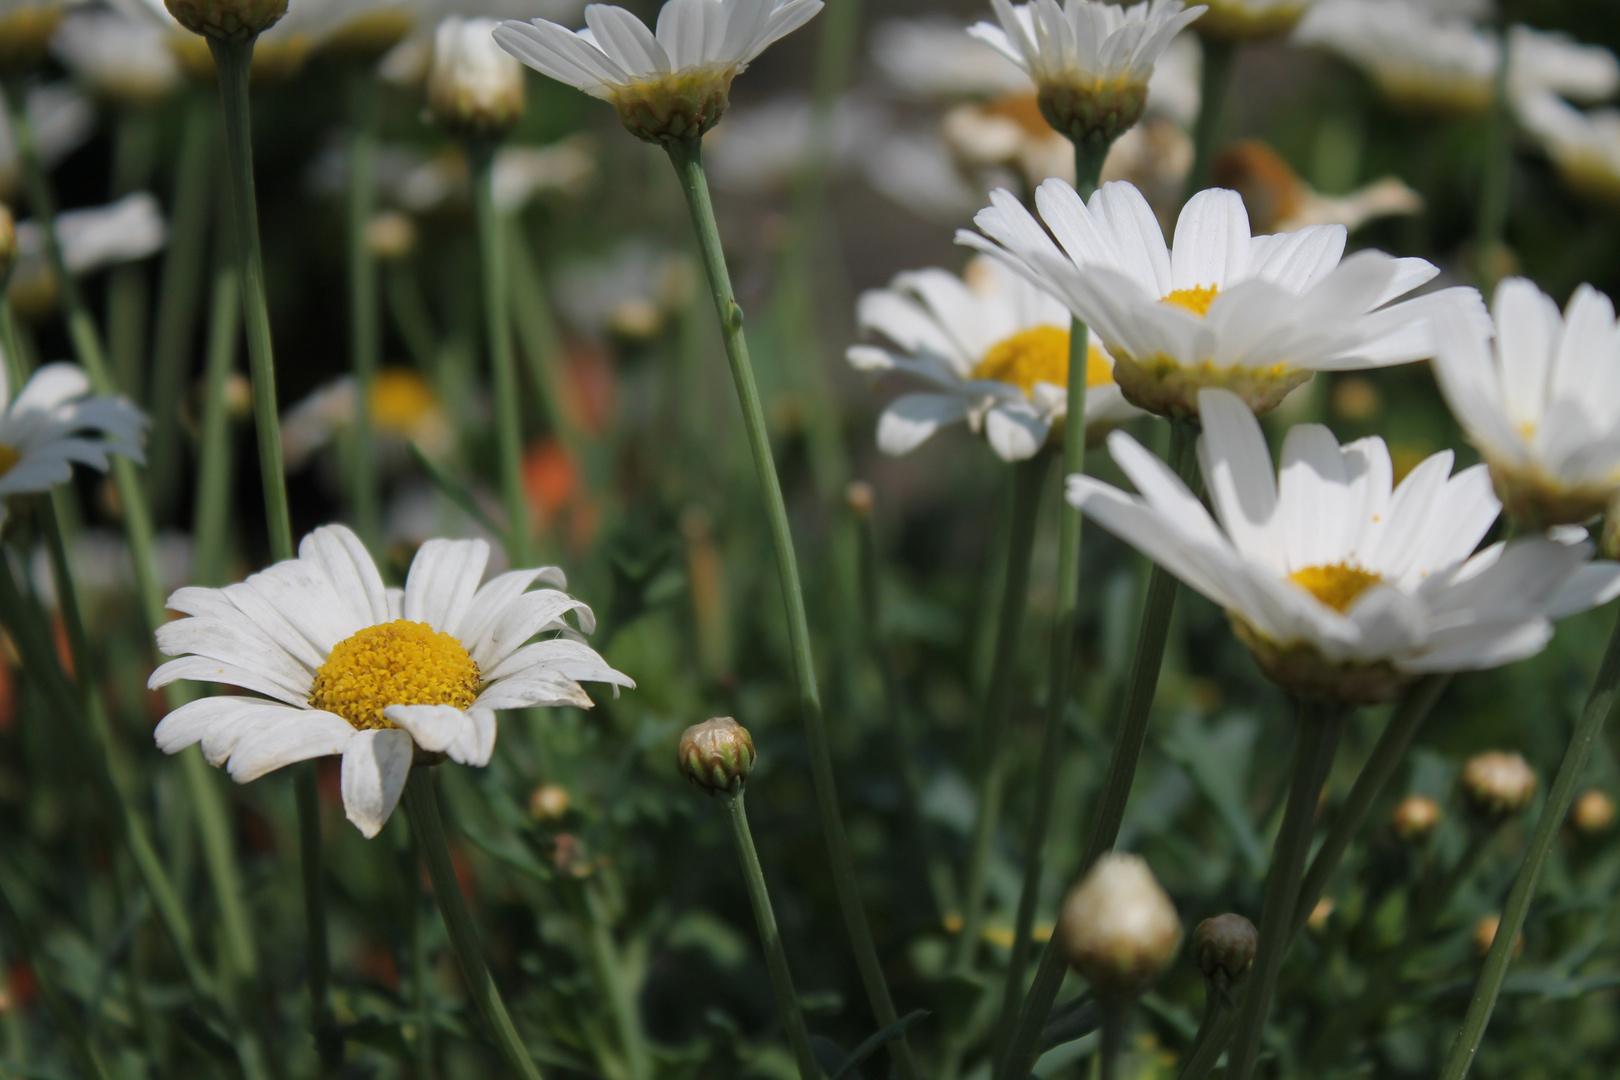 Little flowers in the garden